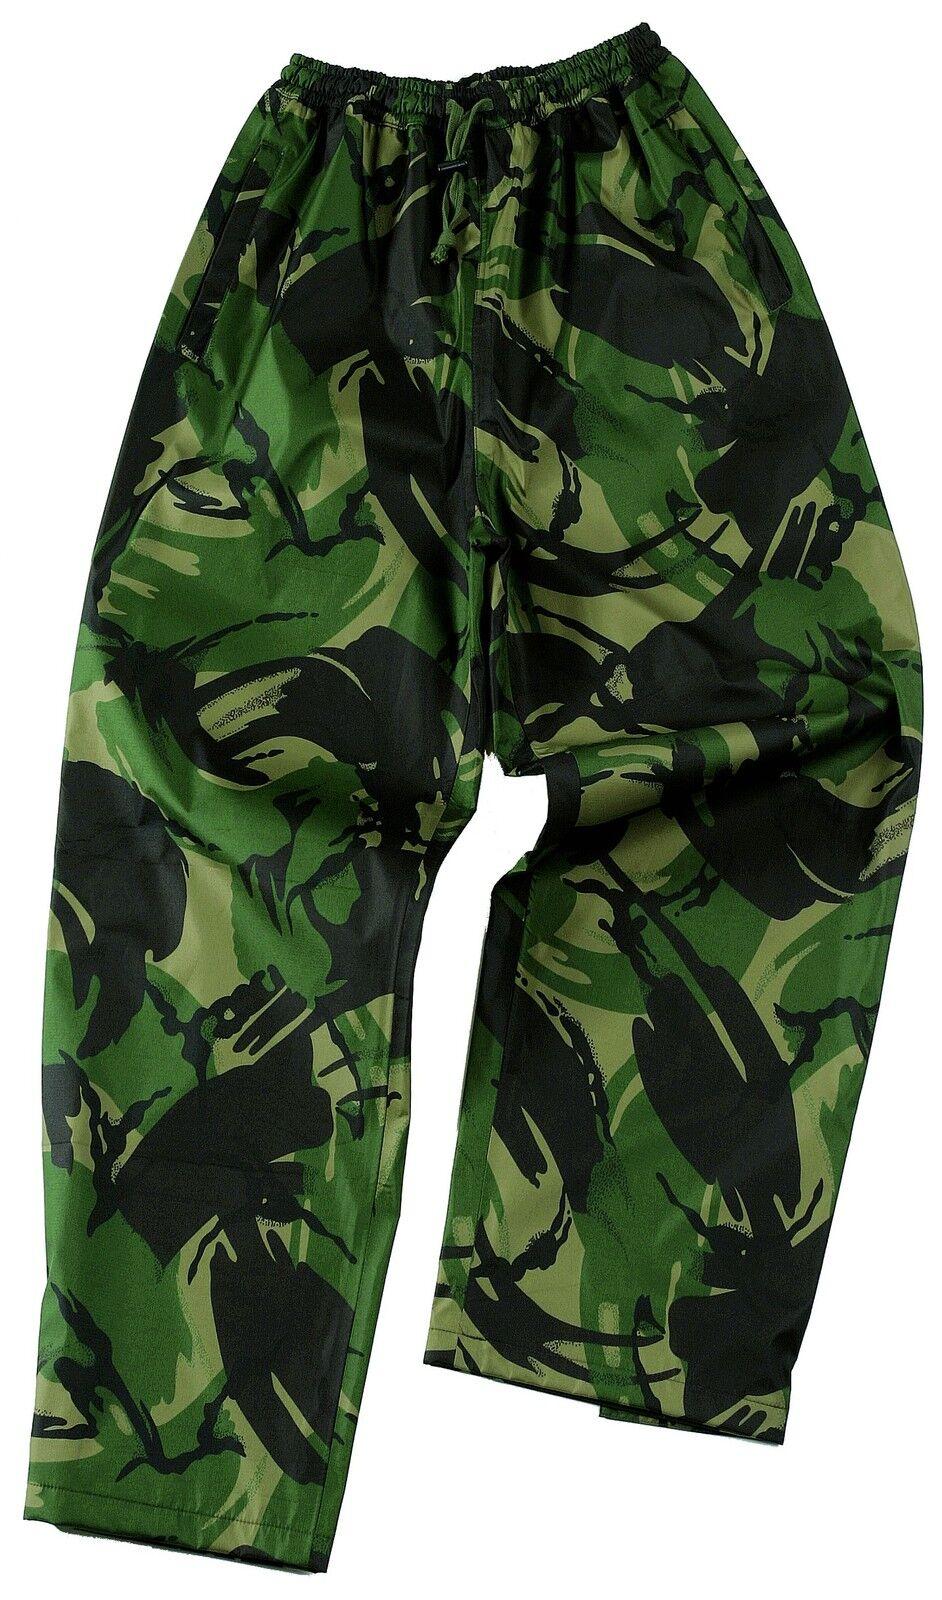 Pantalone Uomo traspirante impermeabile mimetico mimetico mimetico Inglese Zip MANO TASCHE 7b0a75